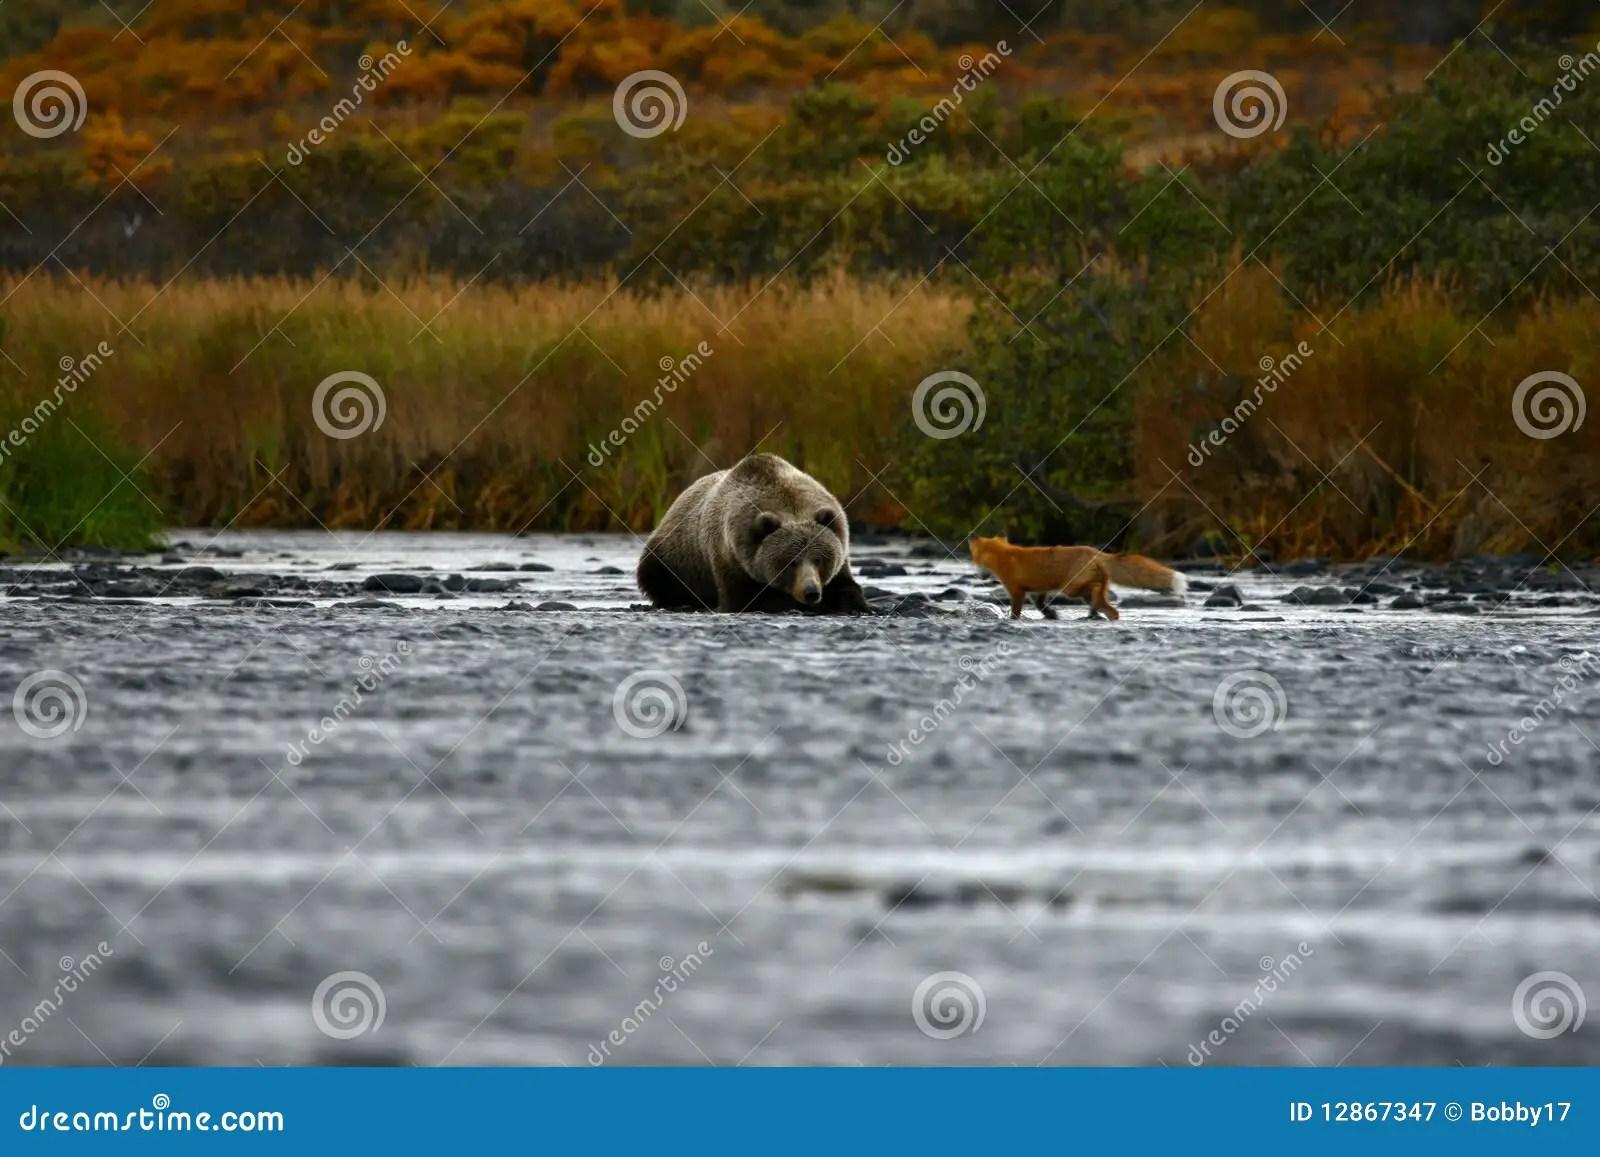 熊棕色狐貍科迪亞克熊 免版稅圖庫攝影 - 圖片: 12867347